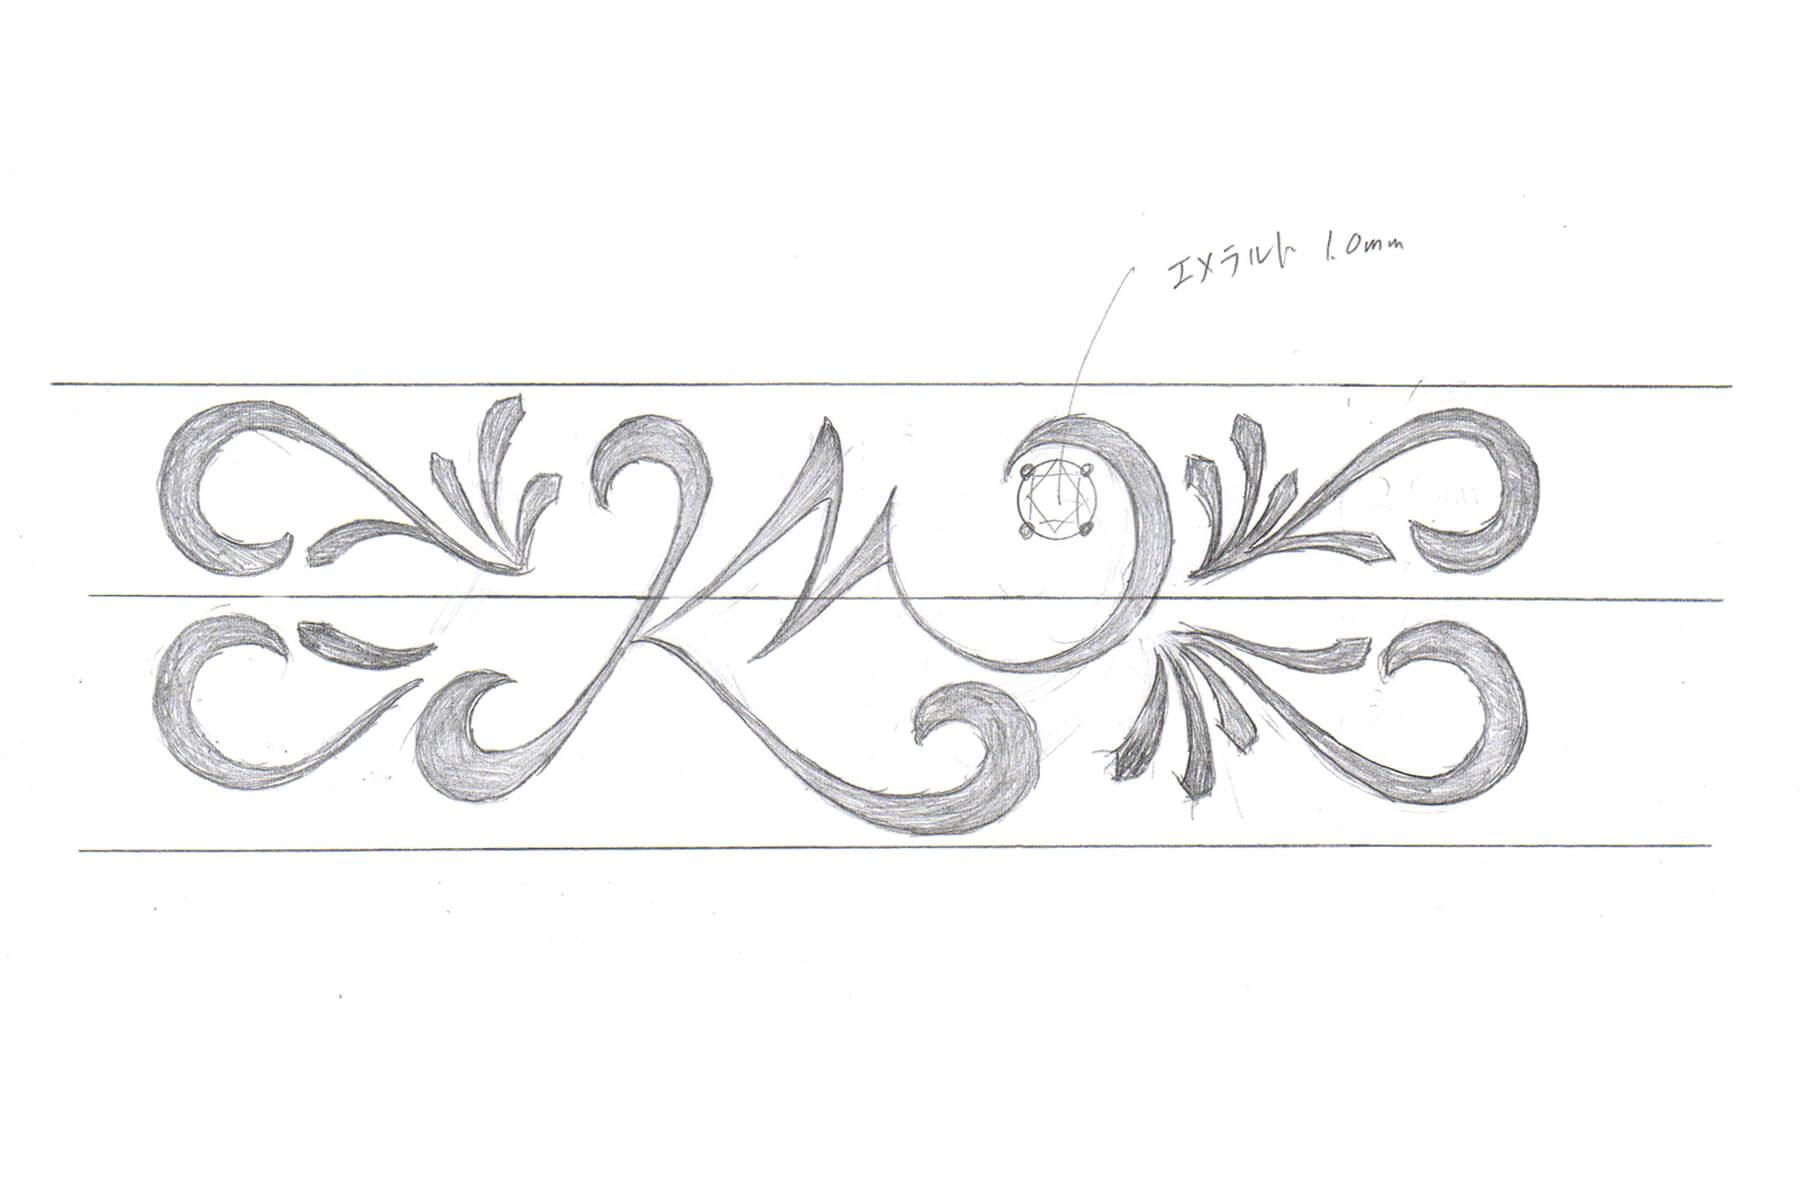 セミオーダーメイド | 内側イラストデザイン | かざりやゆい | 世界に一つだけの結婚指輪「kazariya Yui」 | 福島県郡山市